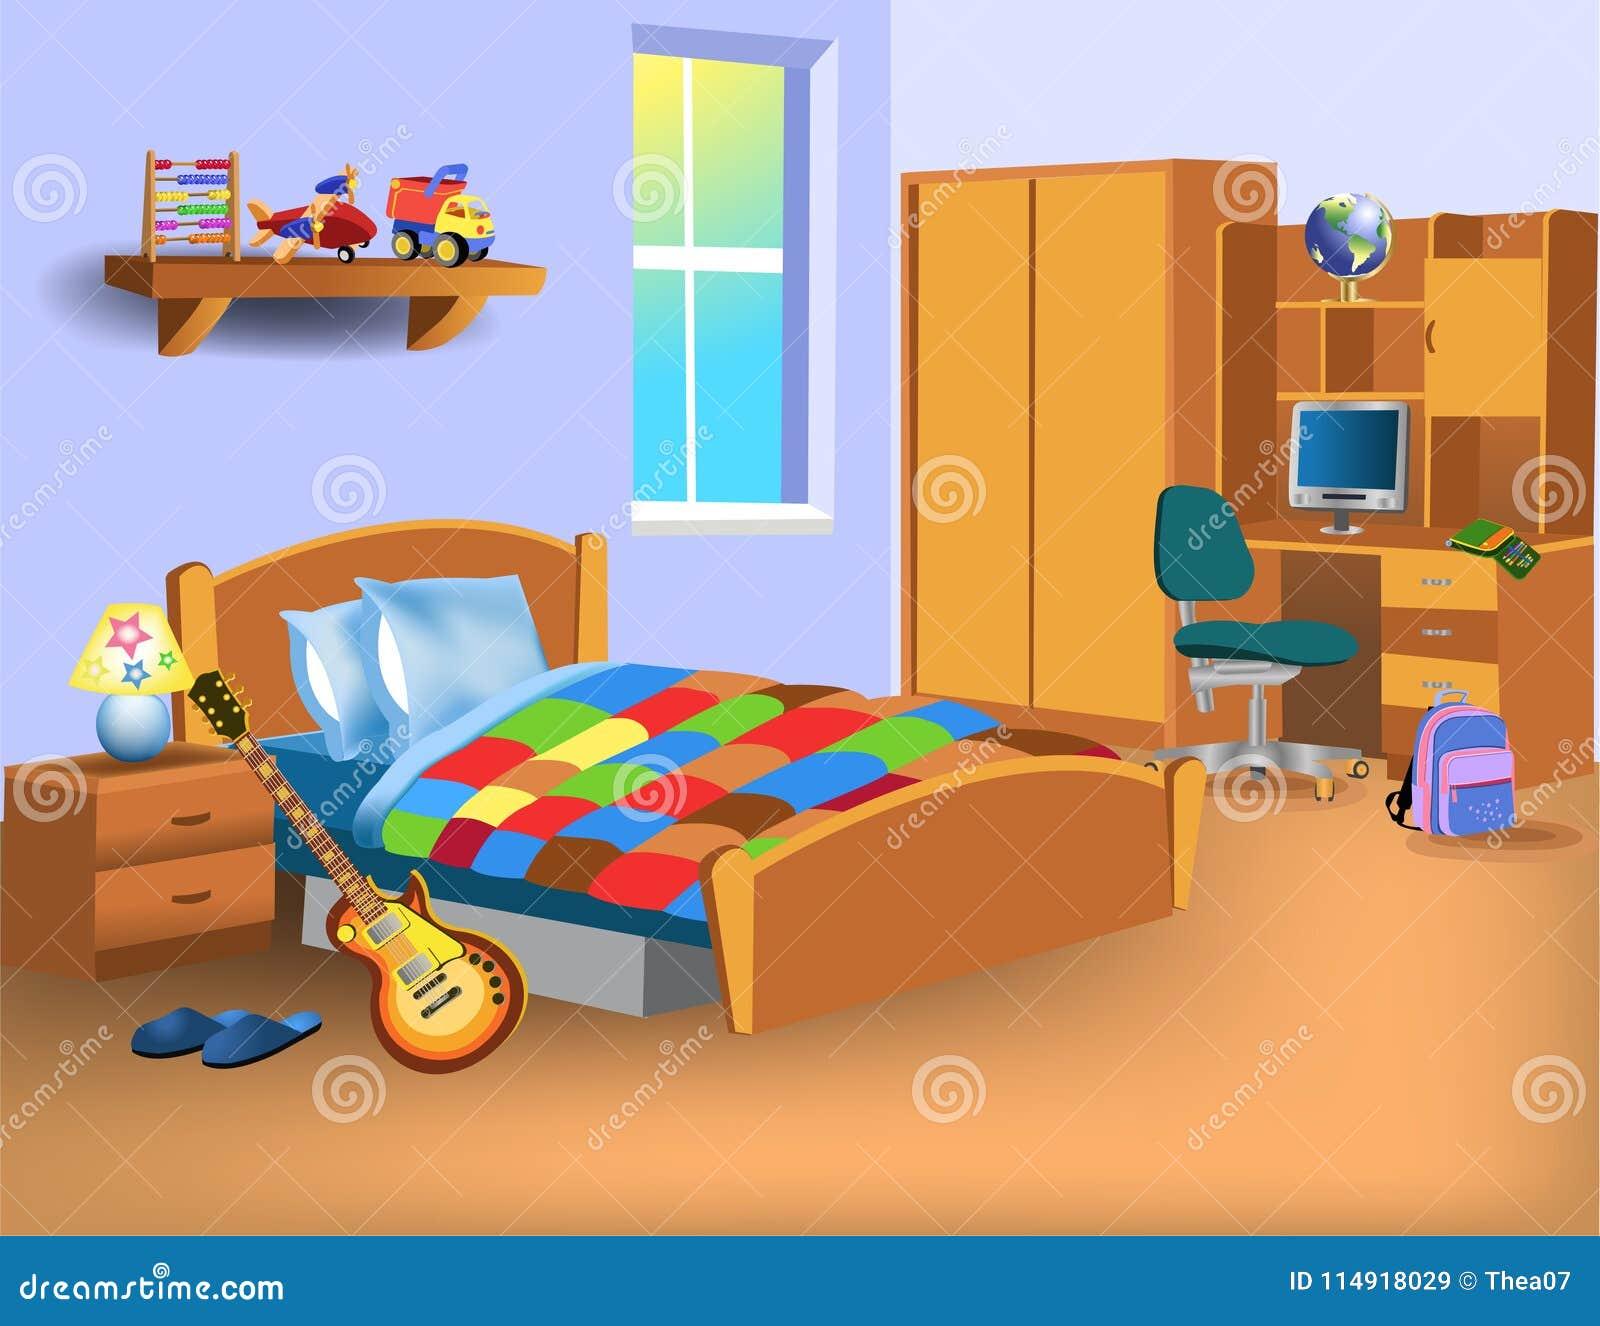 Cartoon Room: Child Bedroom Stock Illustrations